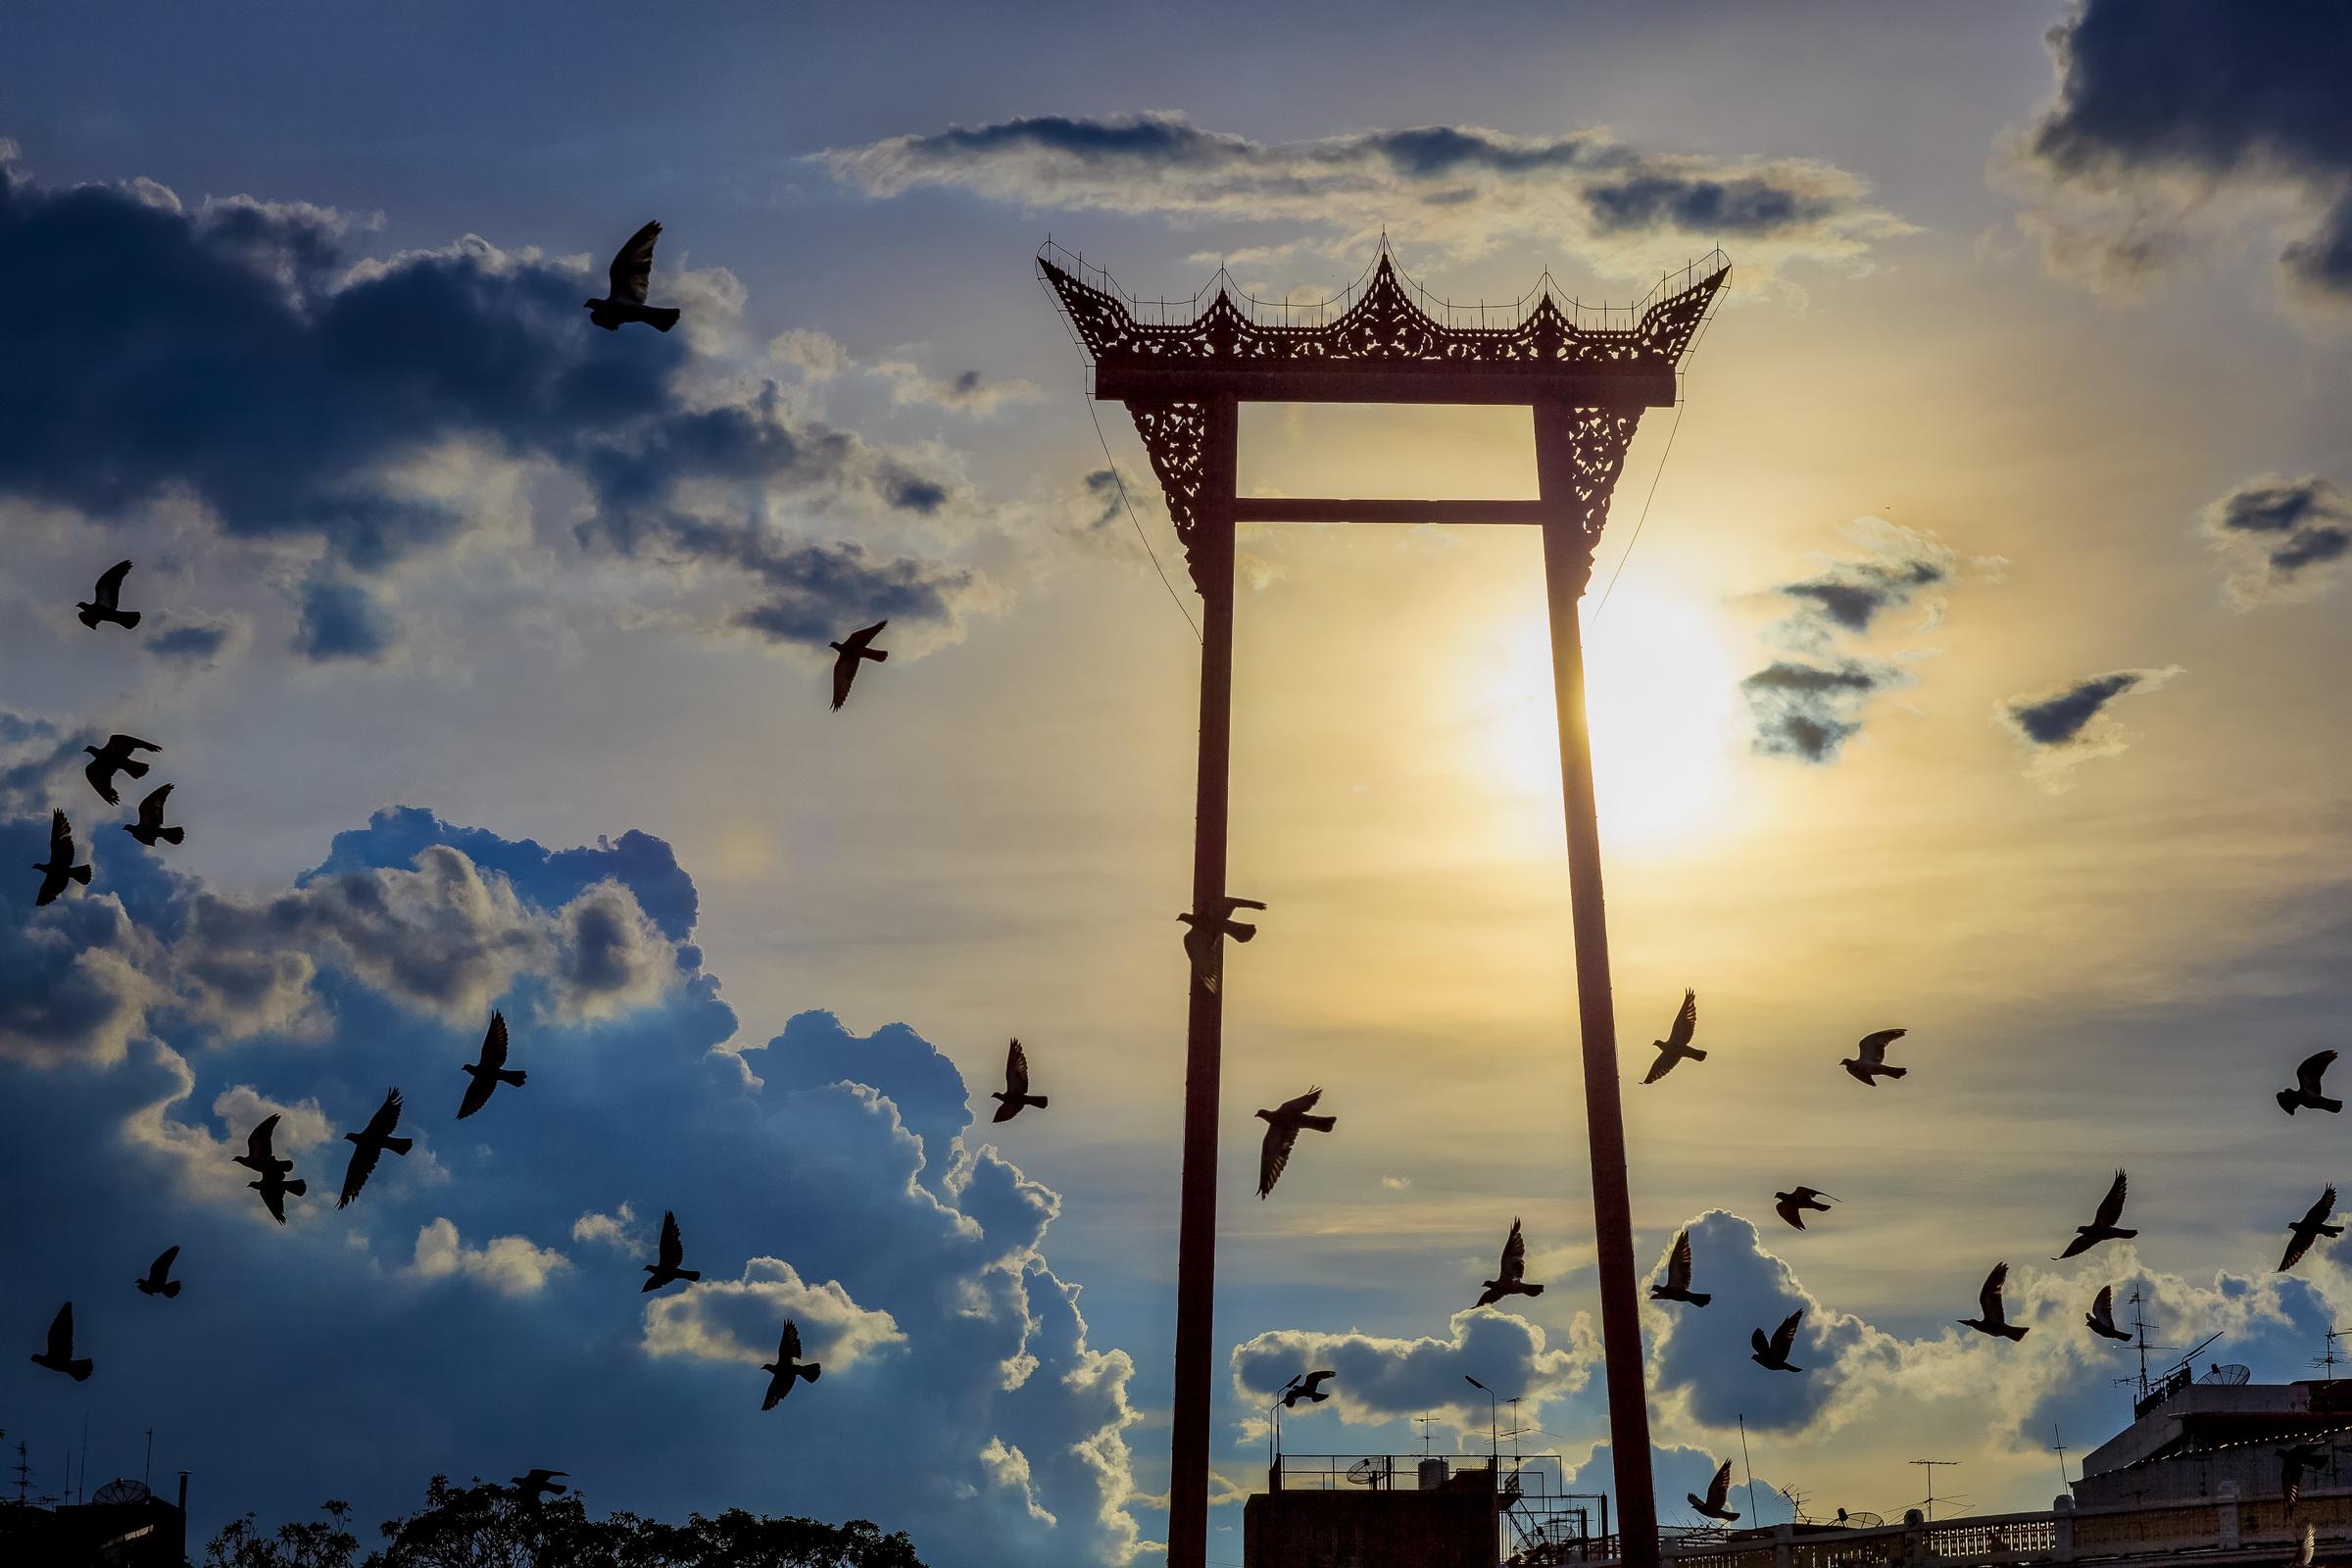 拉脱维亚签证费_泰国政府正式宣布免收20国落地签签证费用: Travel Weekly China